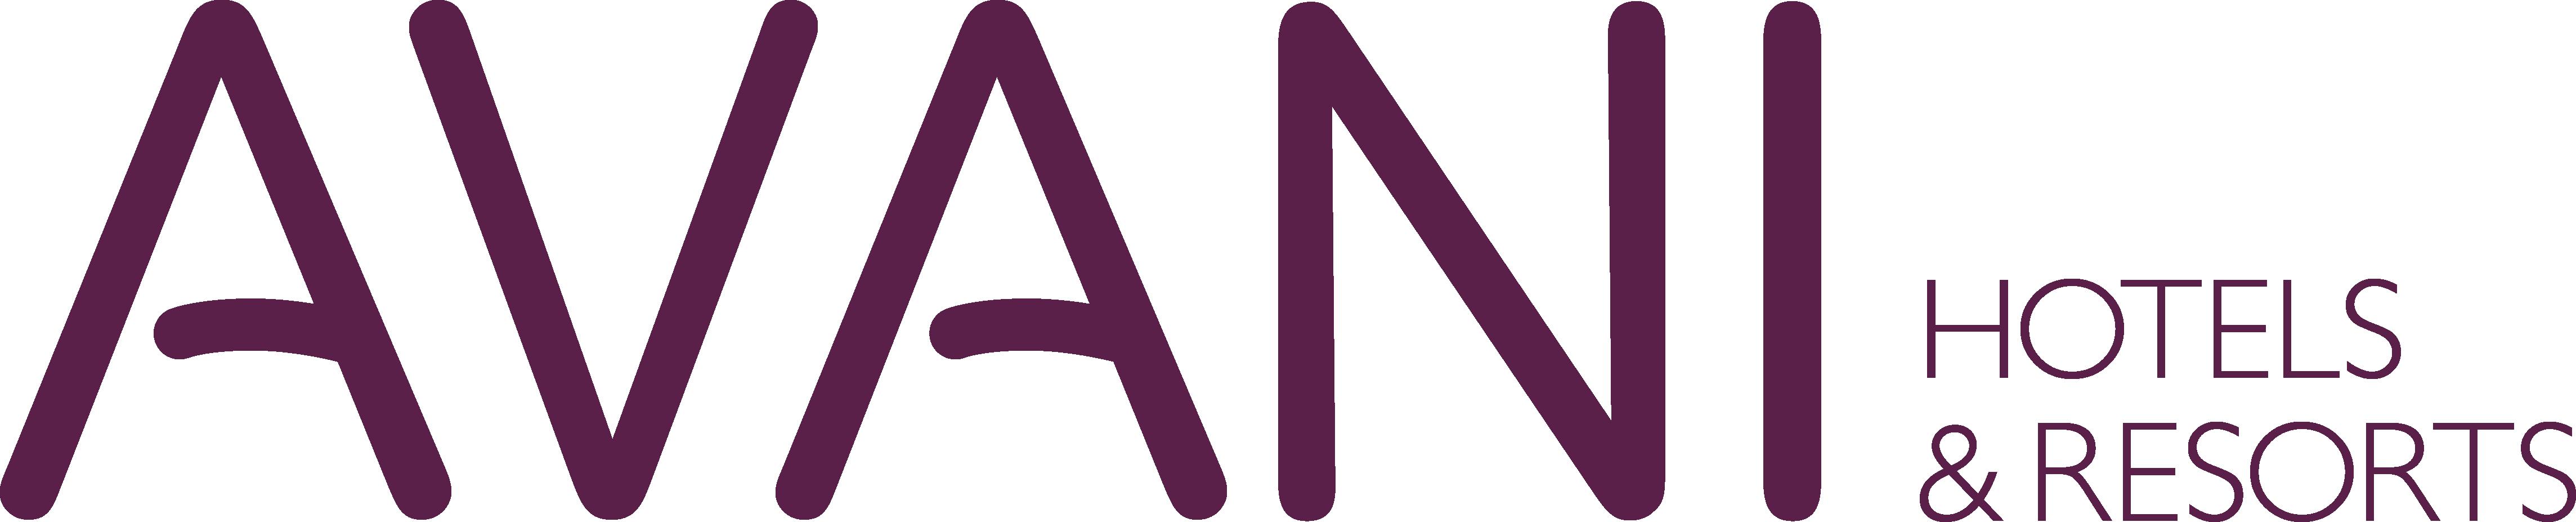 AVANI1